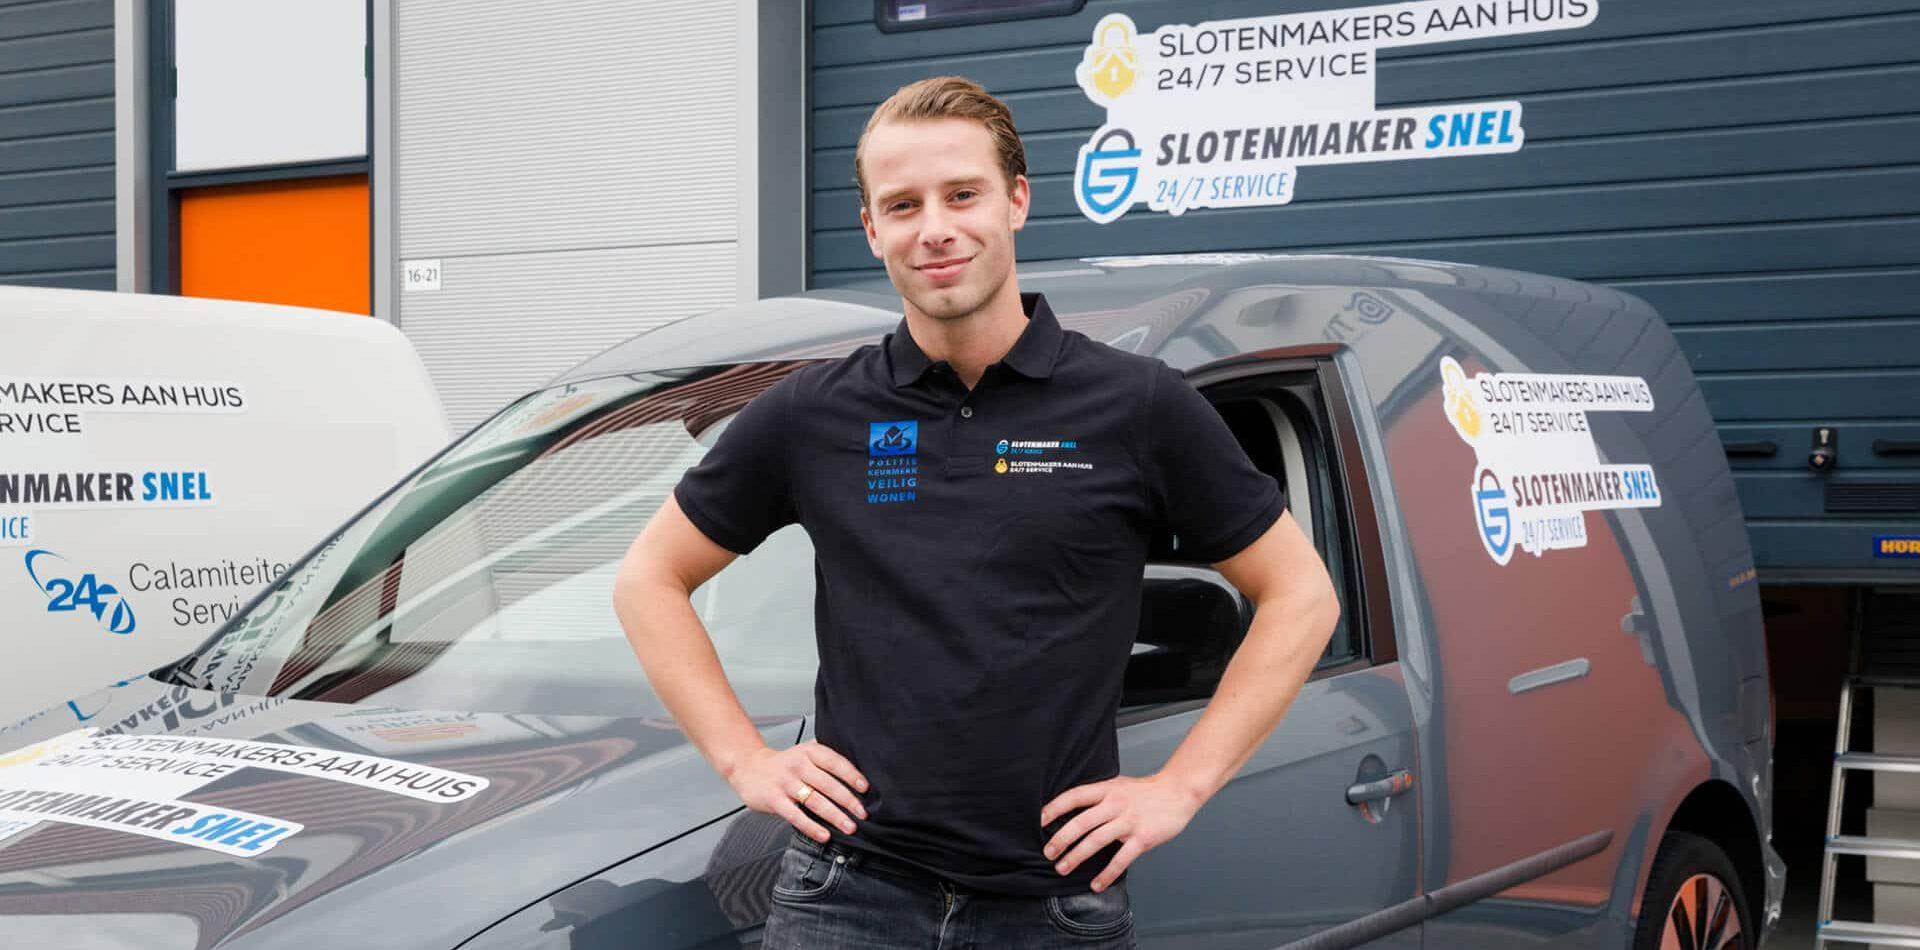 Slotenmaker Soest